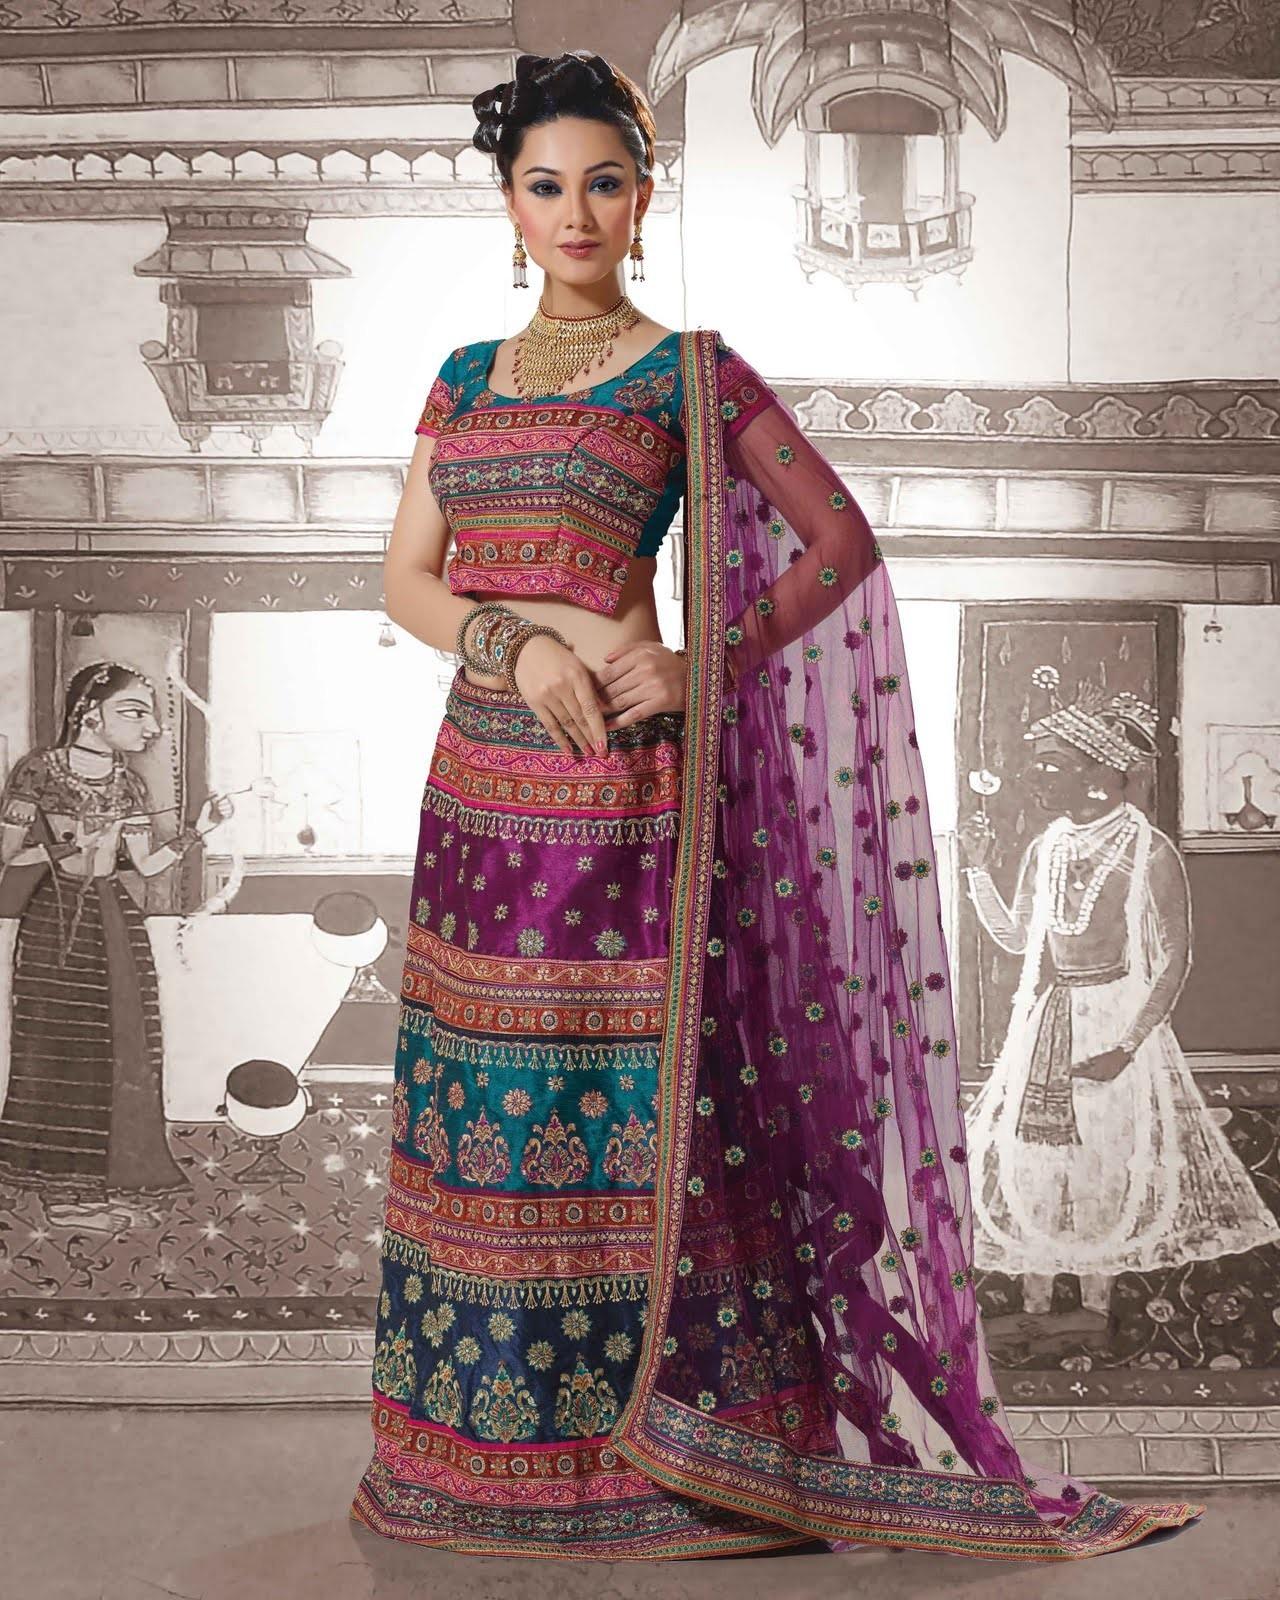 Rose-vêtements de mariage robe de soirée robe femme asiatique Pakistanais Indien